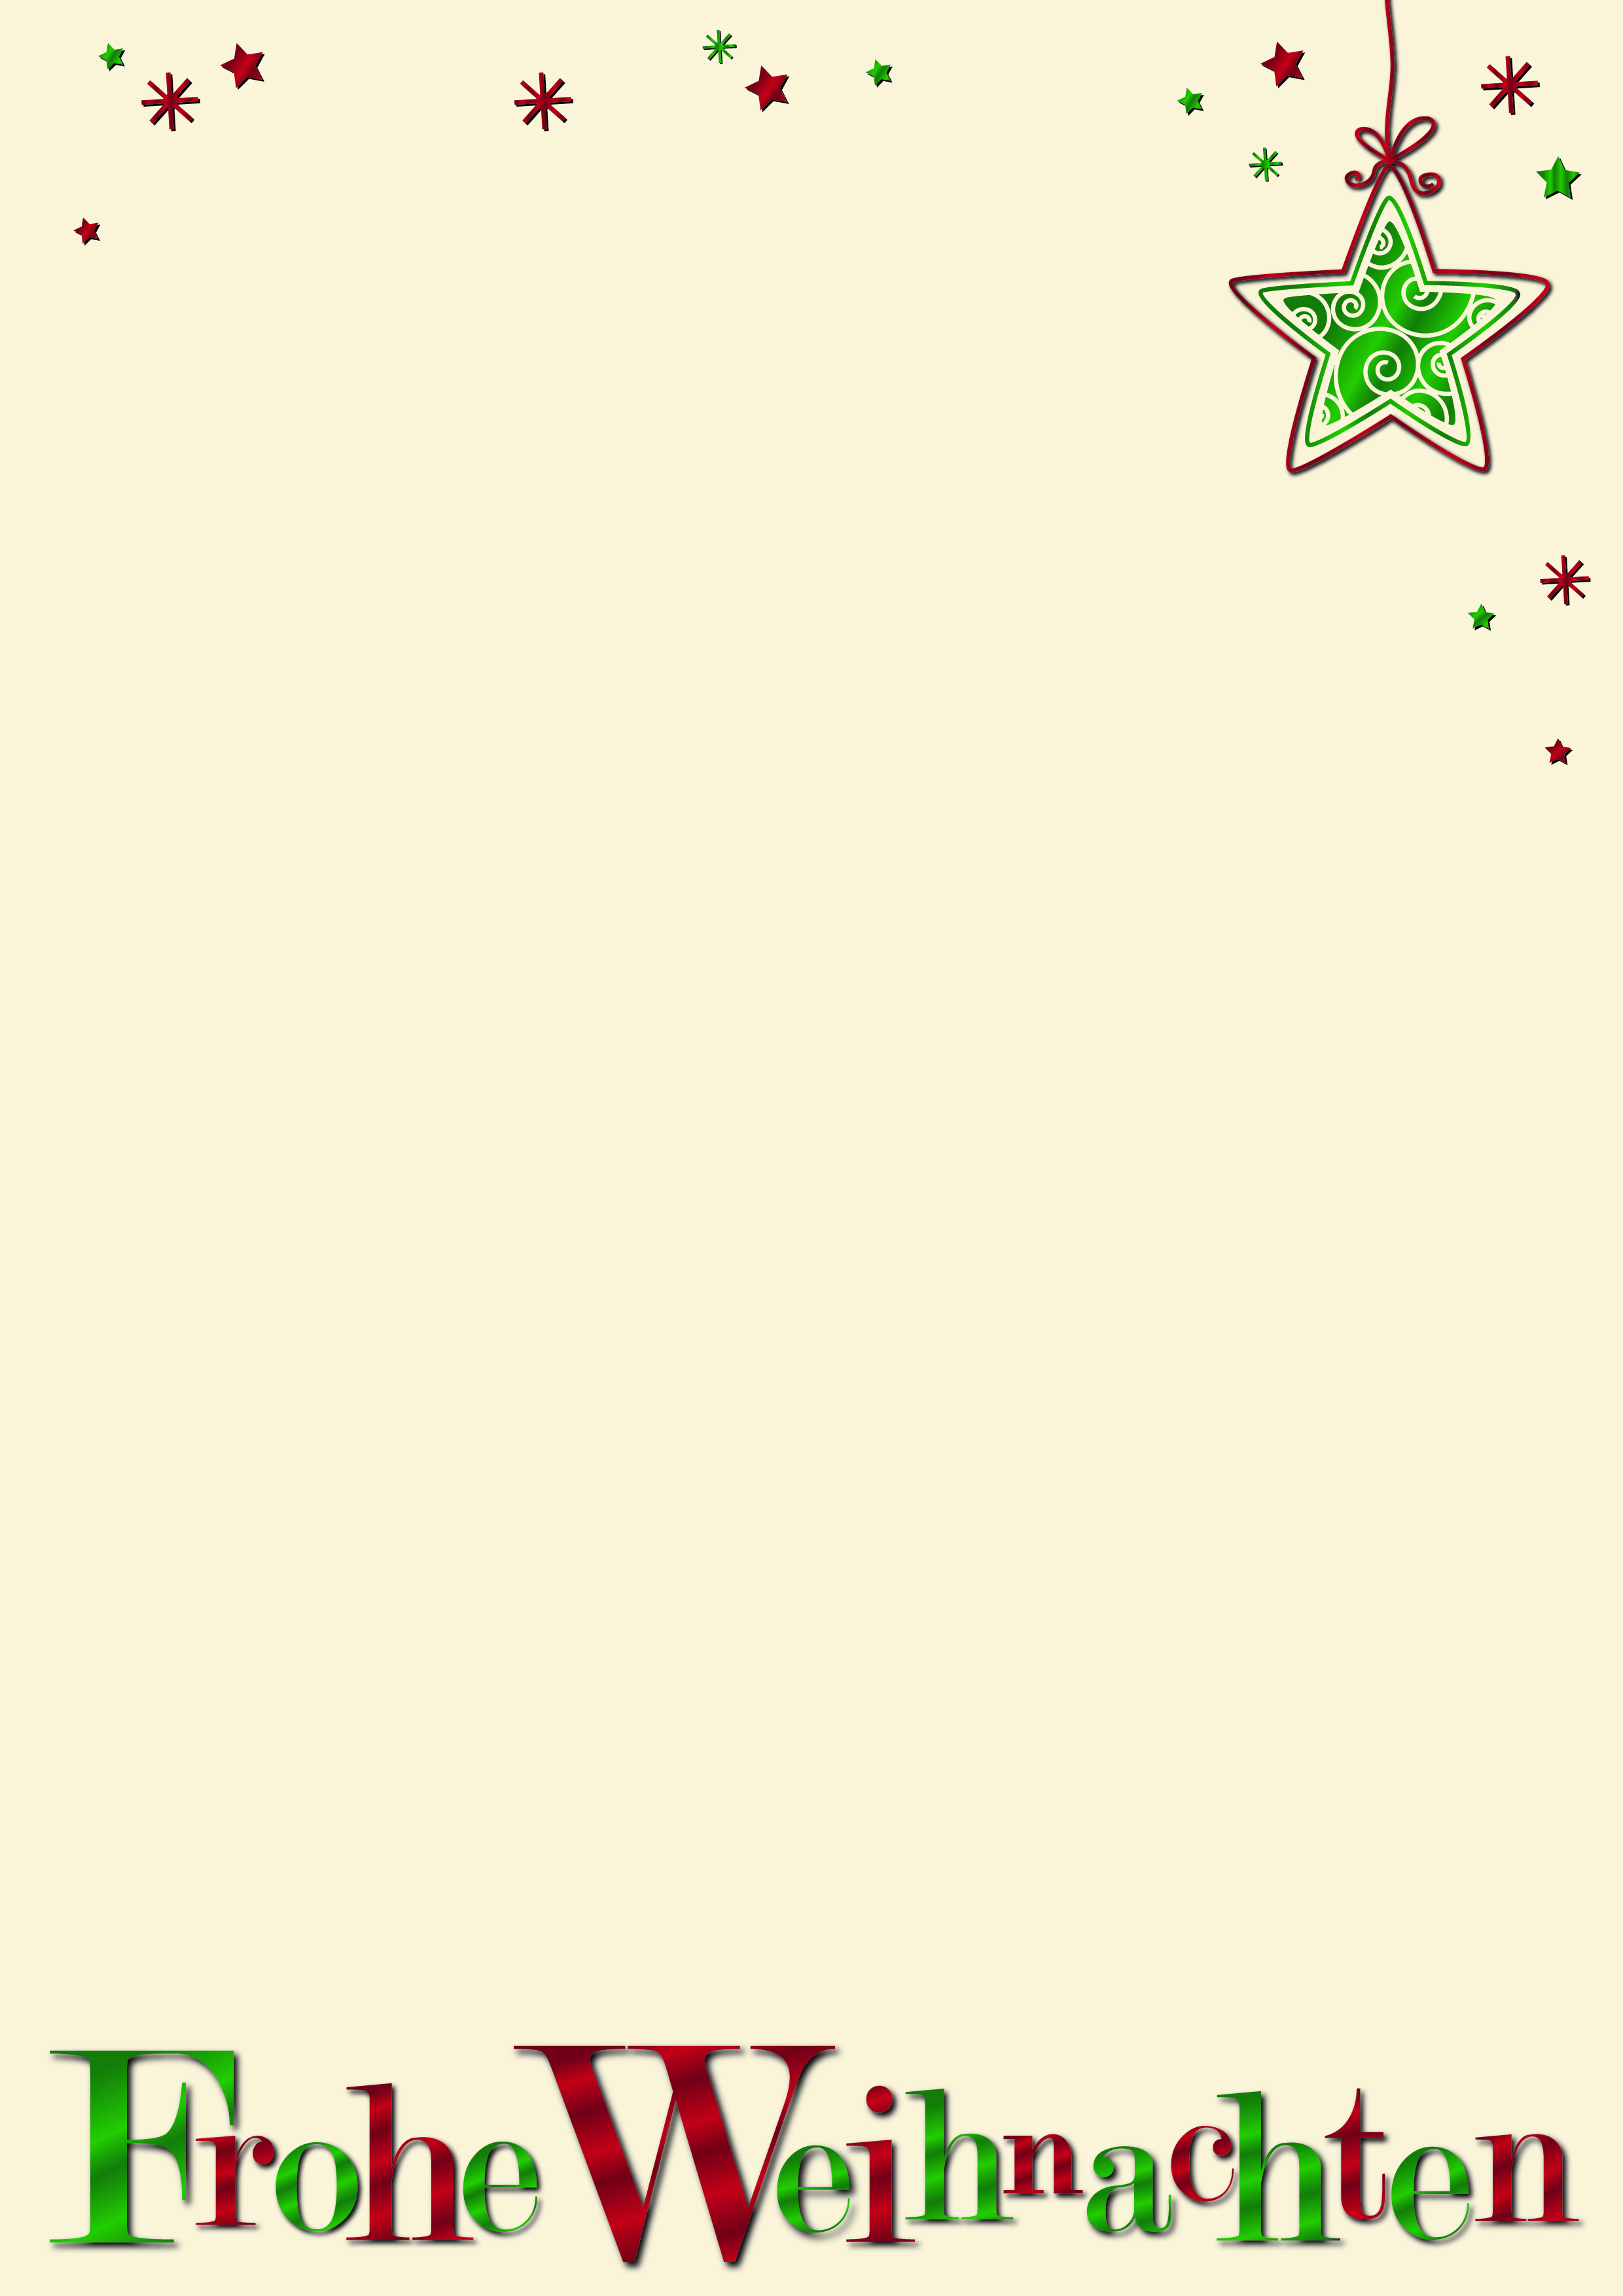 gschäftliche Weihnachtsbriefpapiere DIN A 4 mit Aufdruck frohe Weihnachten und Sterne